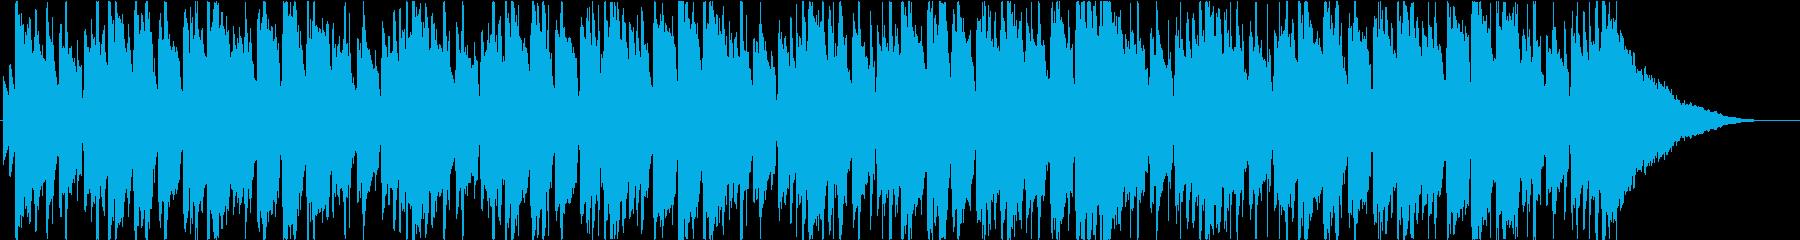 ジャズ、ボサノバ、ラウンジの再生済みの波形